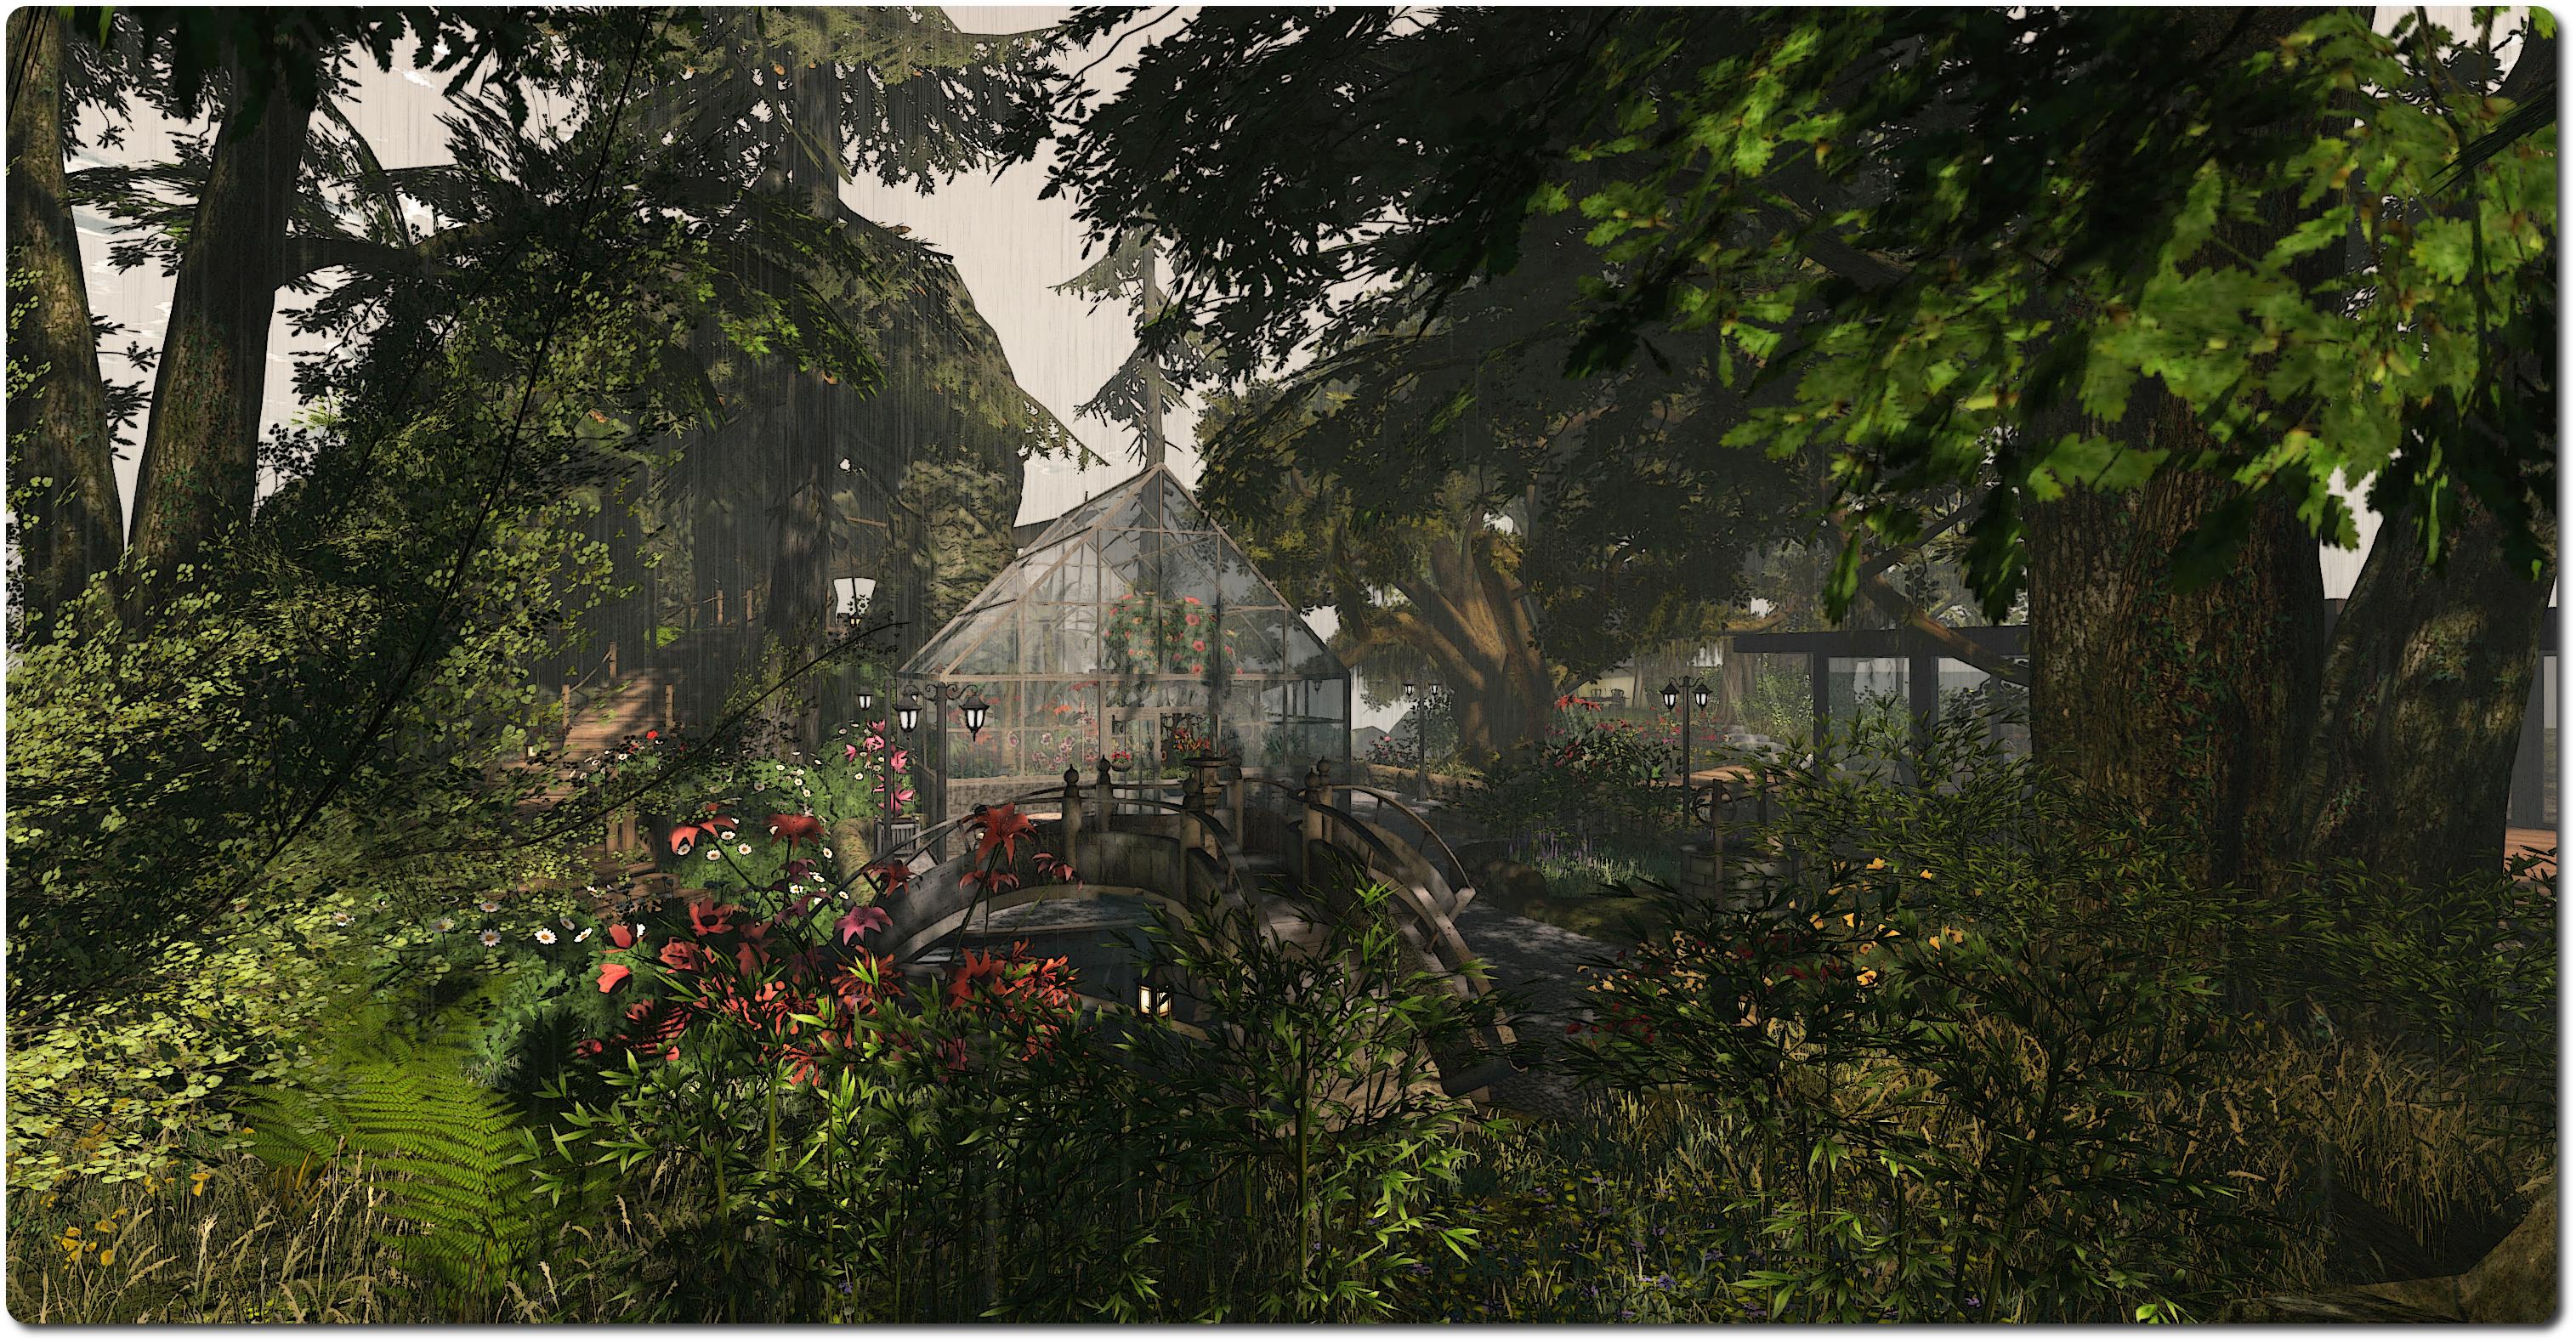 Le Botanique, Mirriam Brown; Inara Pey, July 2014, on Flickr